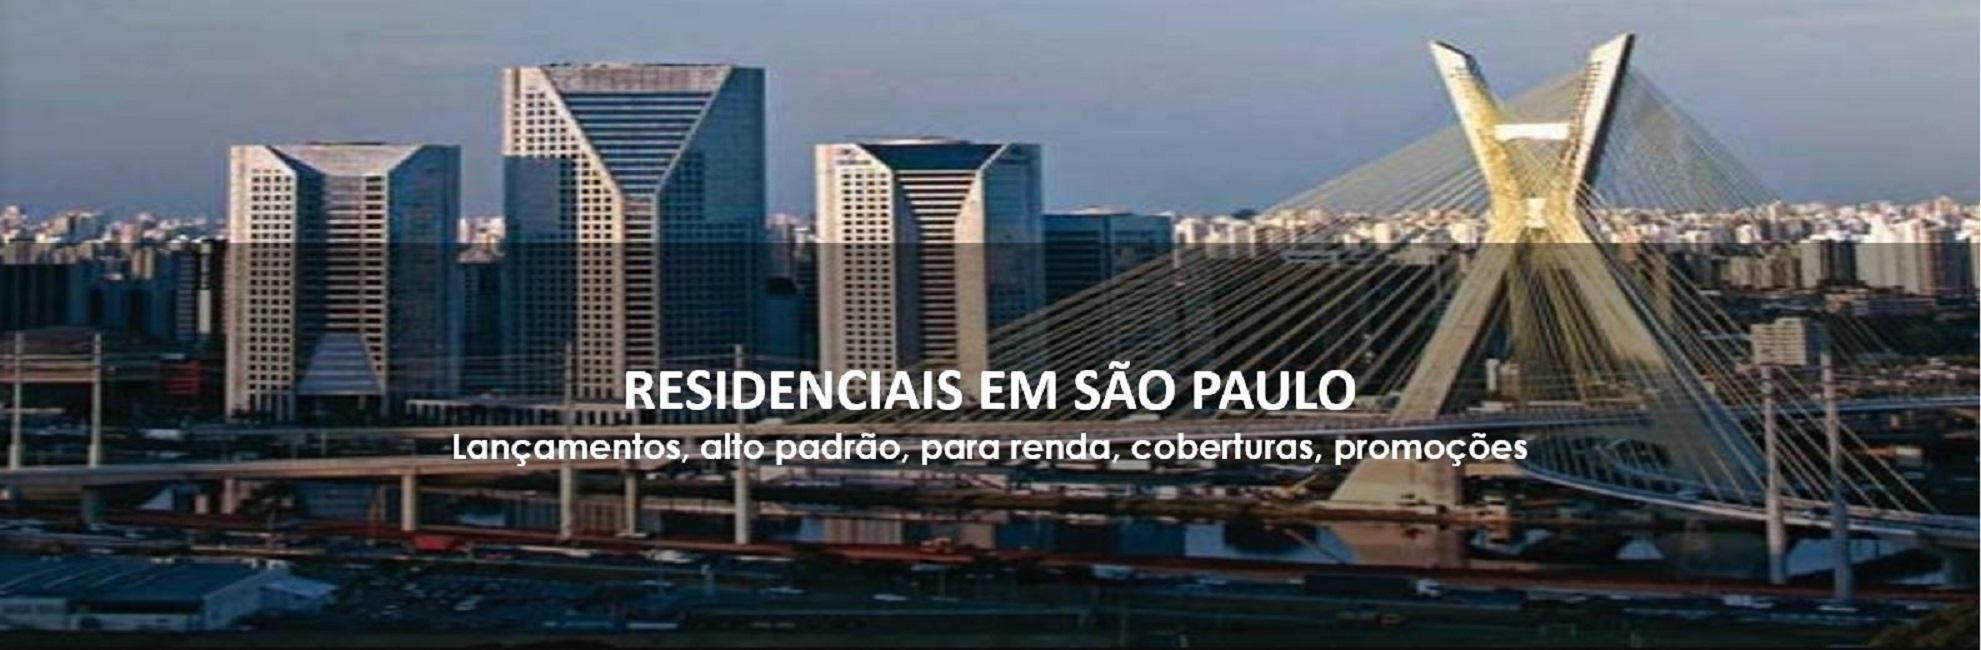 Residenciais em São Paulo